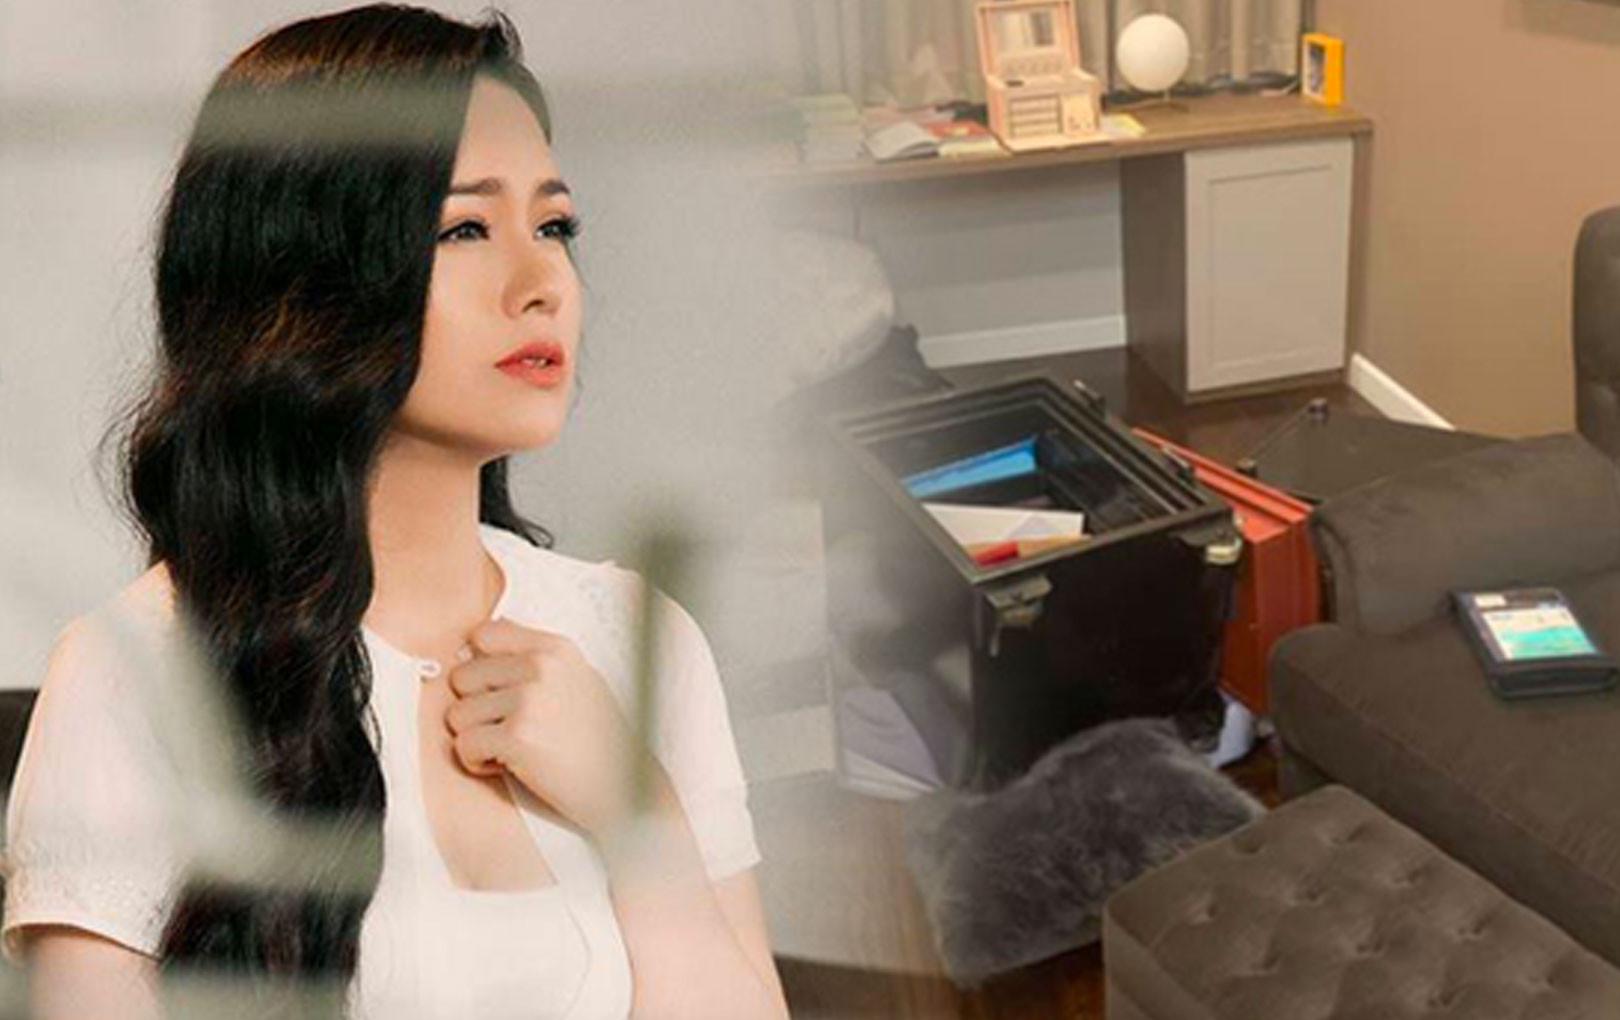 Nhật Kim Anh nhận lại 60 cây vàng từ công an sau vụ trộm viếng thăm biệt thự